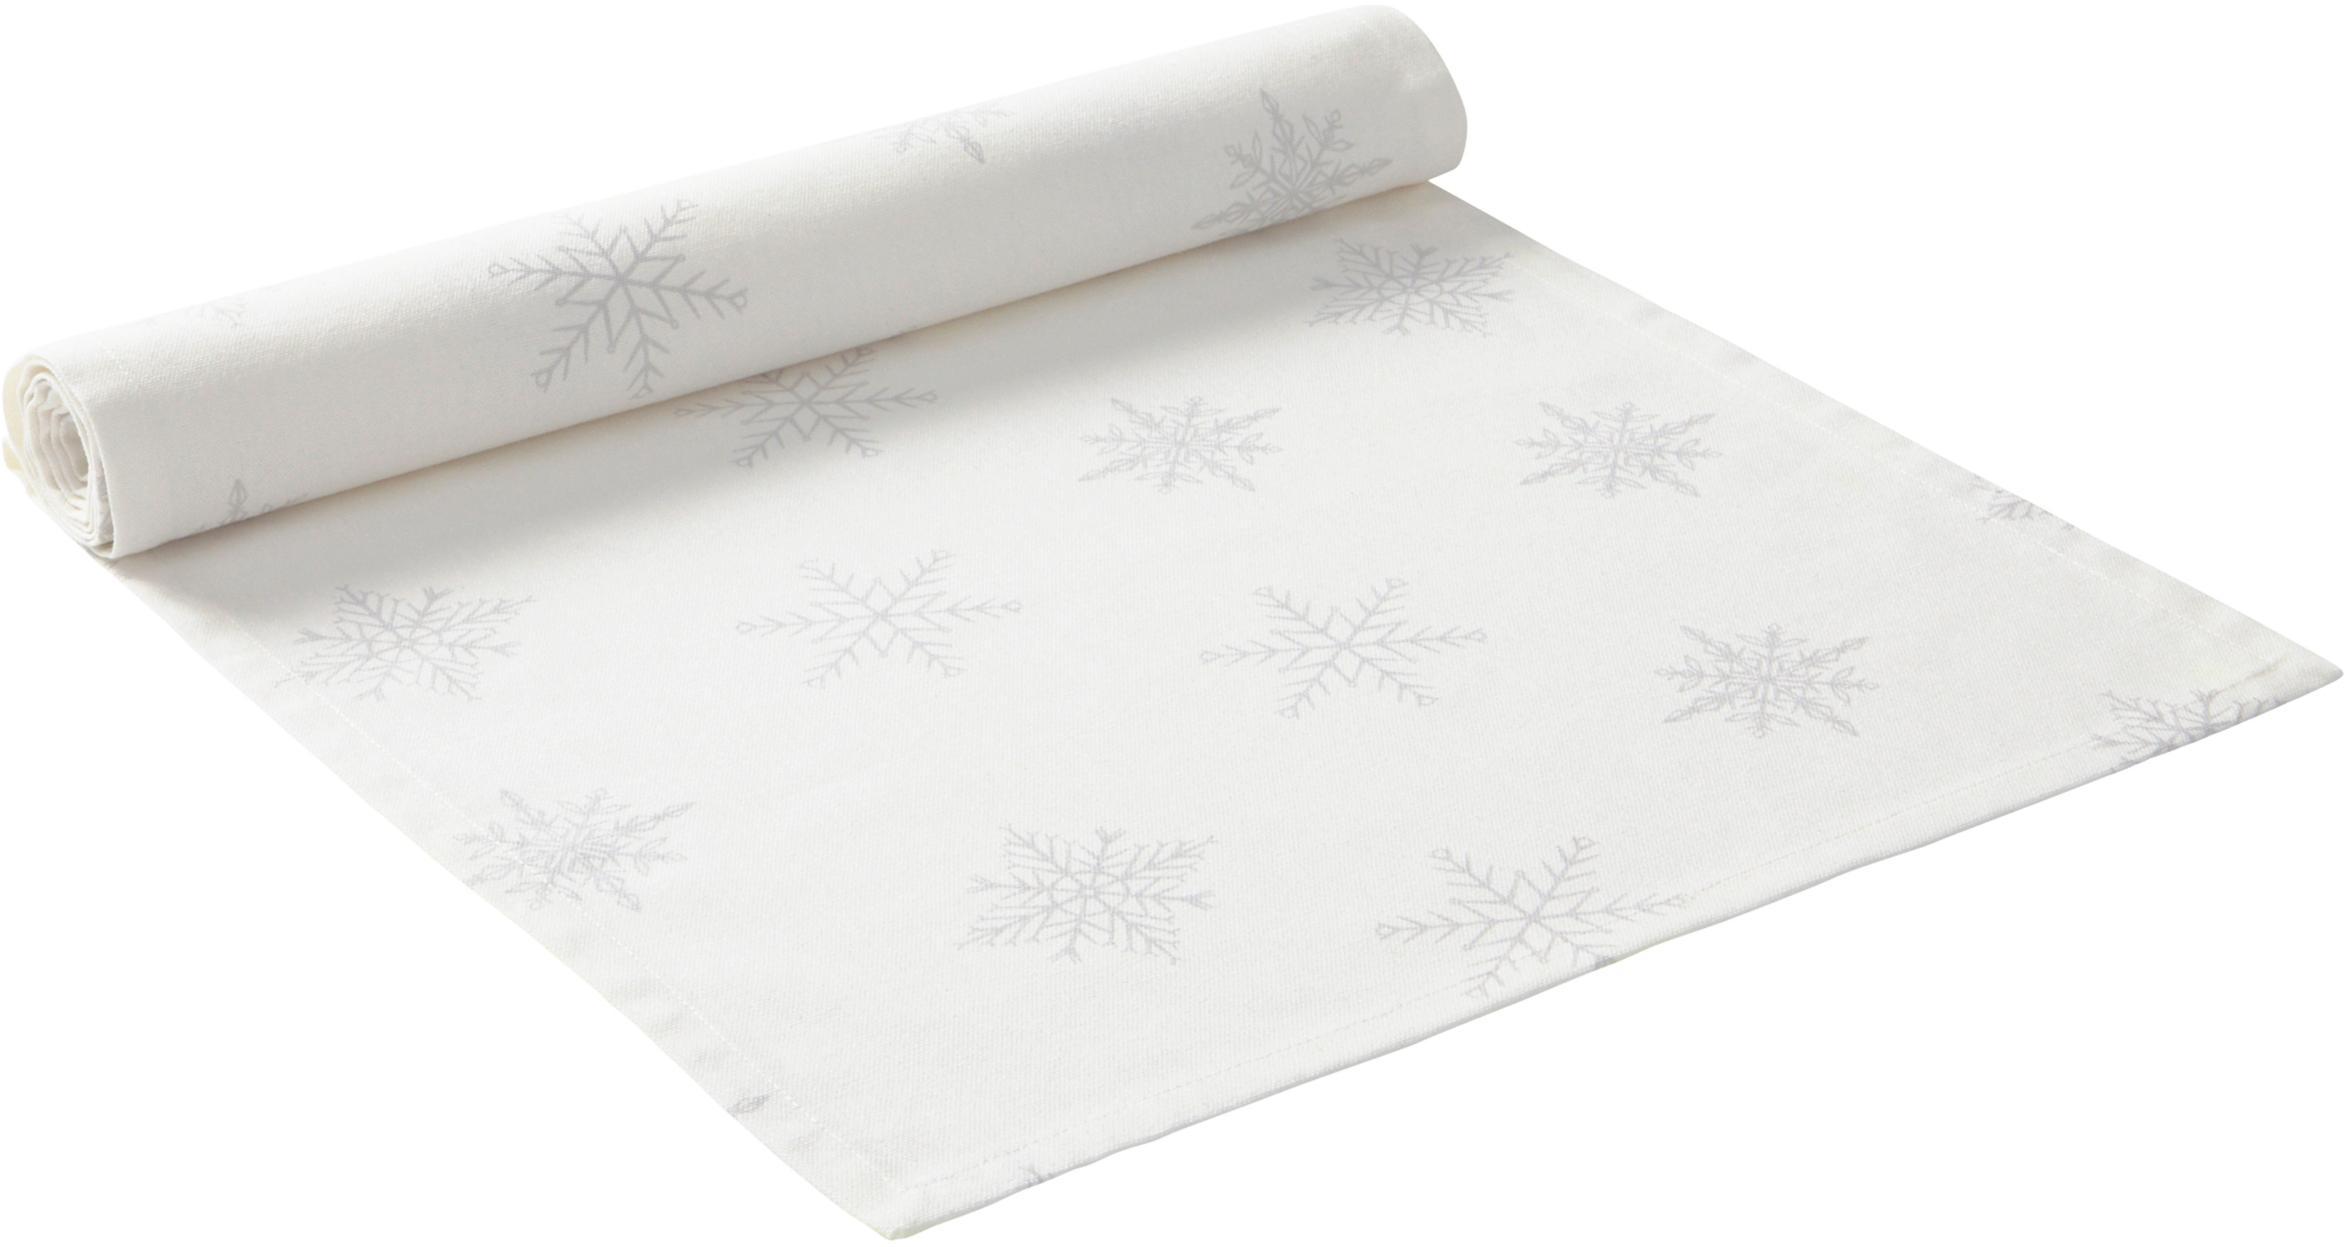 Bieżnik Snow, 100% bawełna pochodząca ze zrównoważonych upraw, Kremowobiały, jasny szary, D 40 x S 140 cm